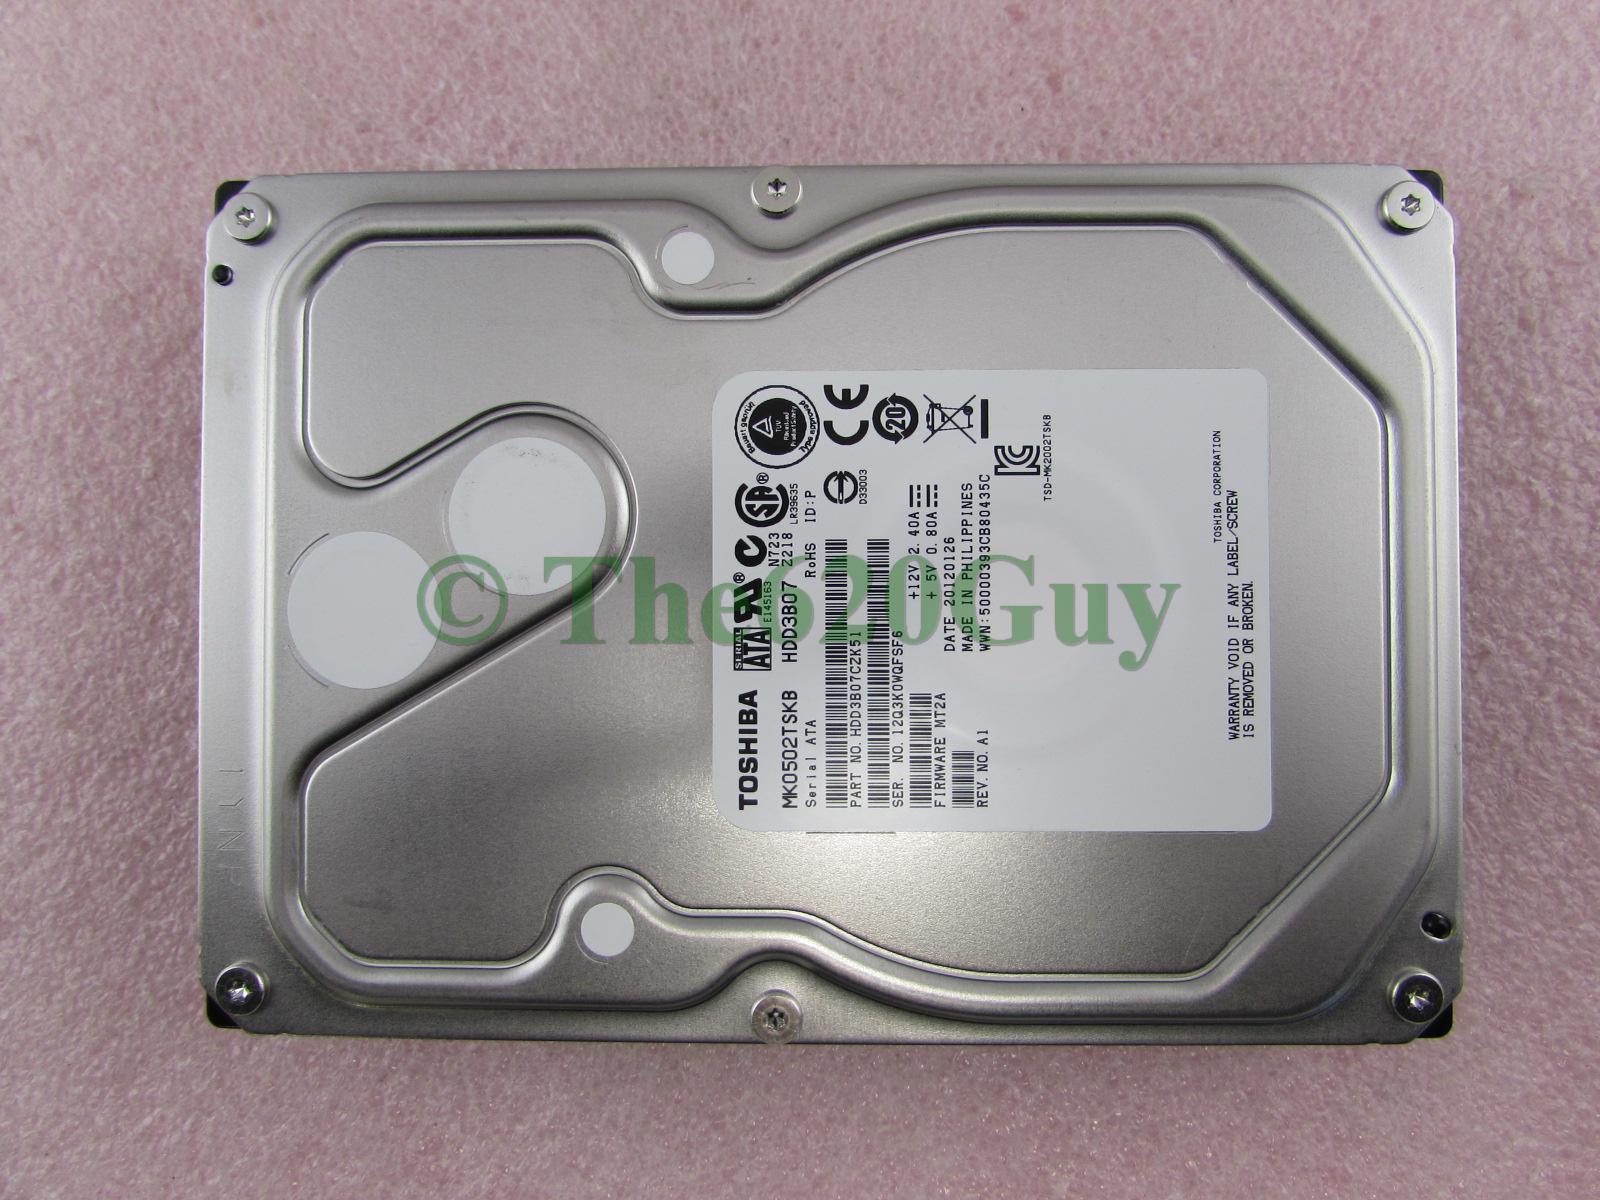 Toshiba MK0502TSKB 500GB 7200RPM 64MB SATA Hard Drive